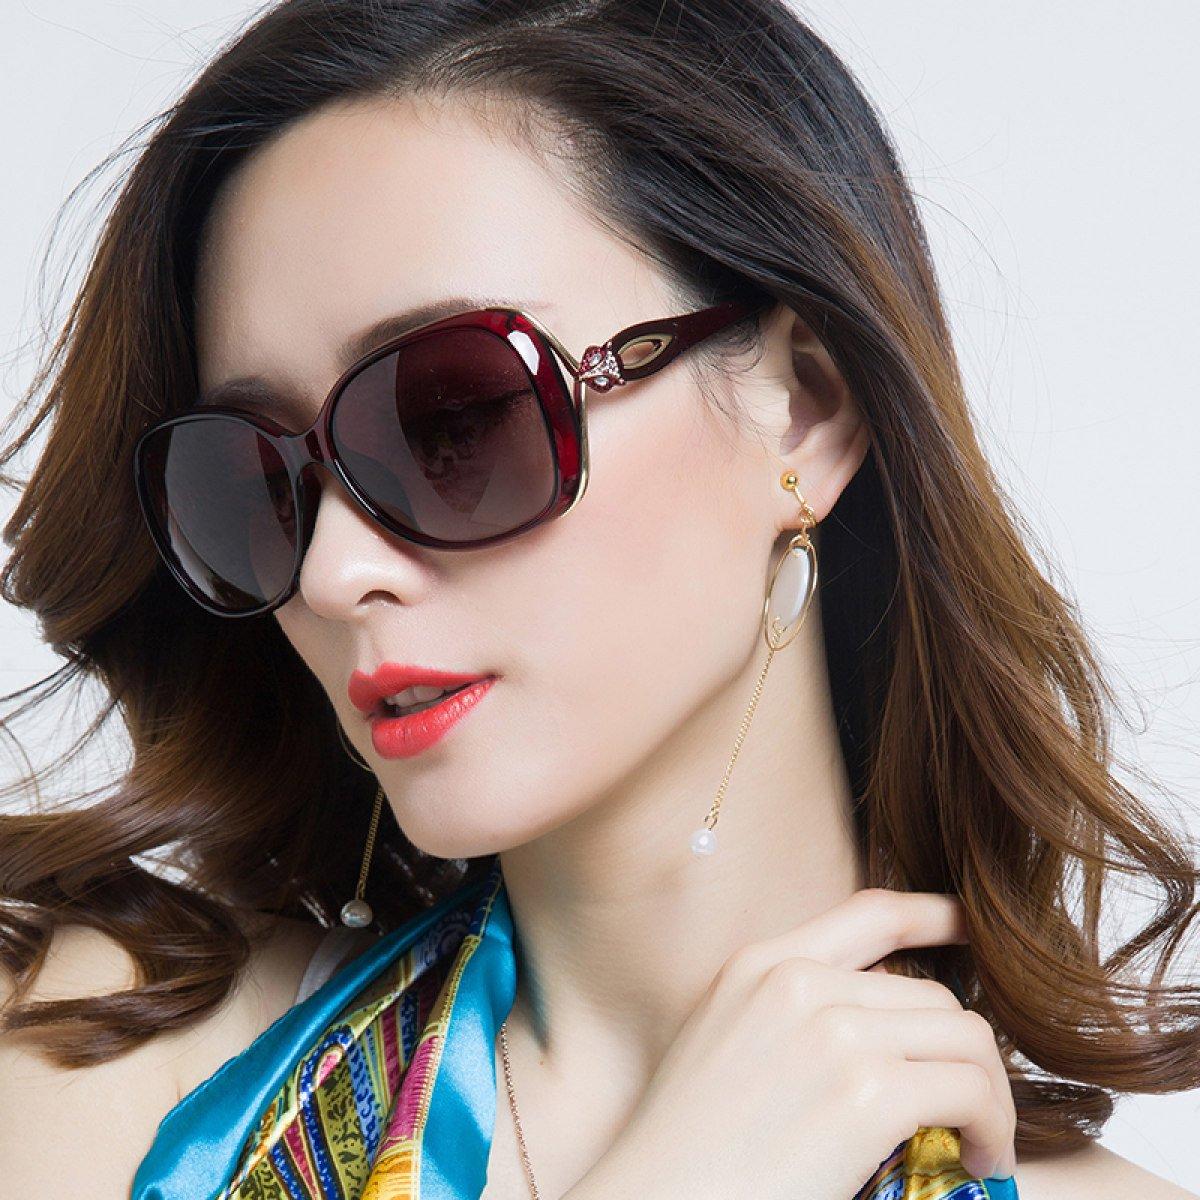 LQQAZY Gafas De Sol Polarizadas Hembra Cara Redonda Caja Grande Gafas De Sol Marea Personalidad Elegante Gafas Retro,Blue: Amazon.es: Jardín